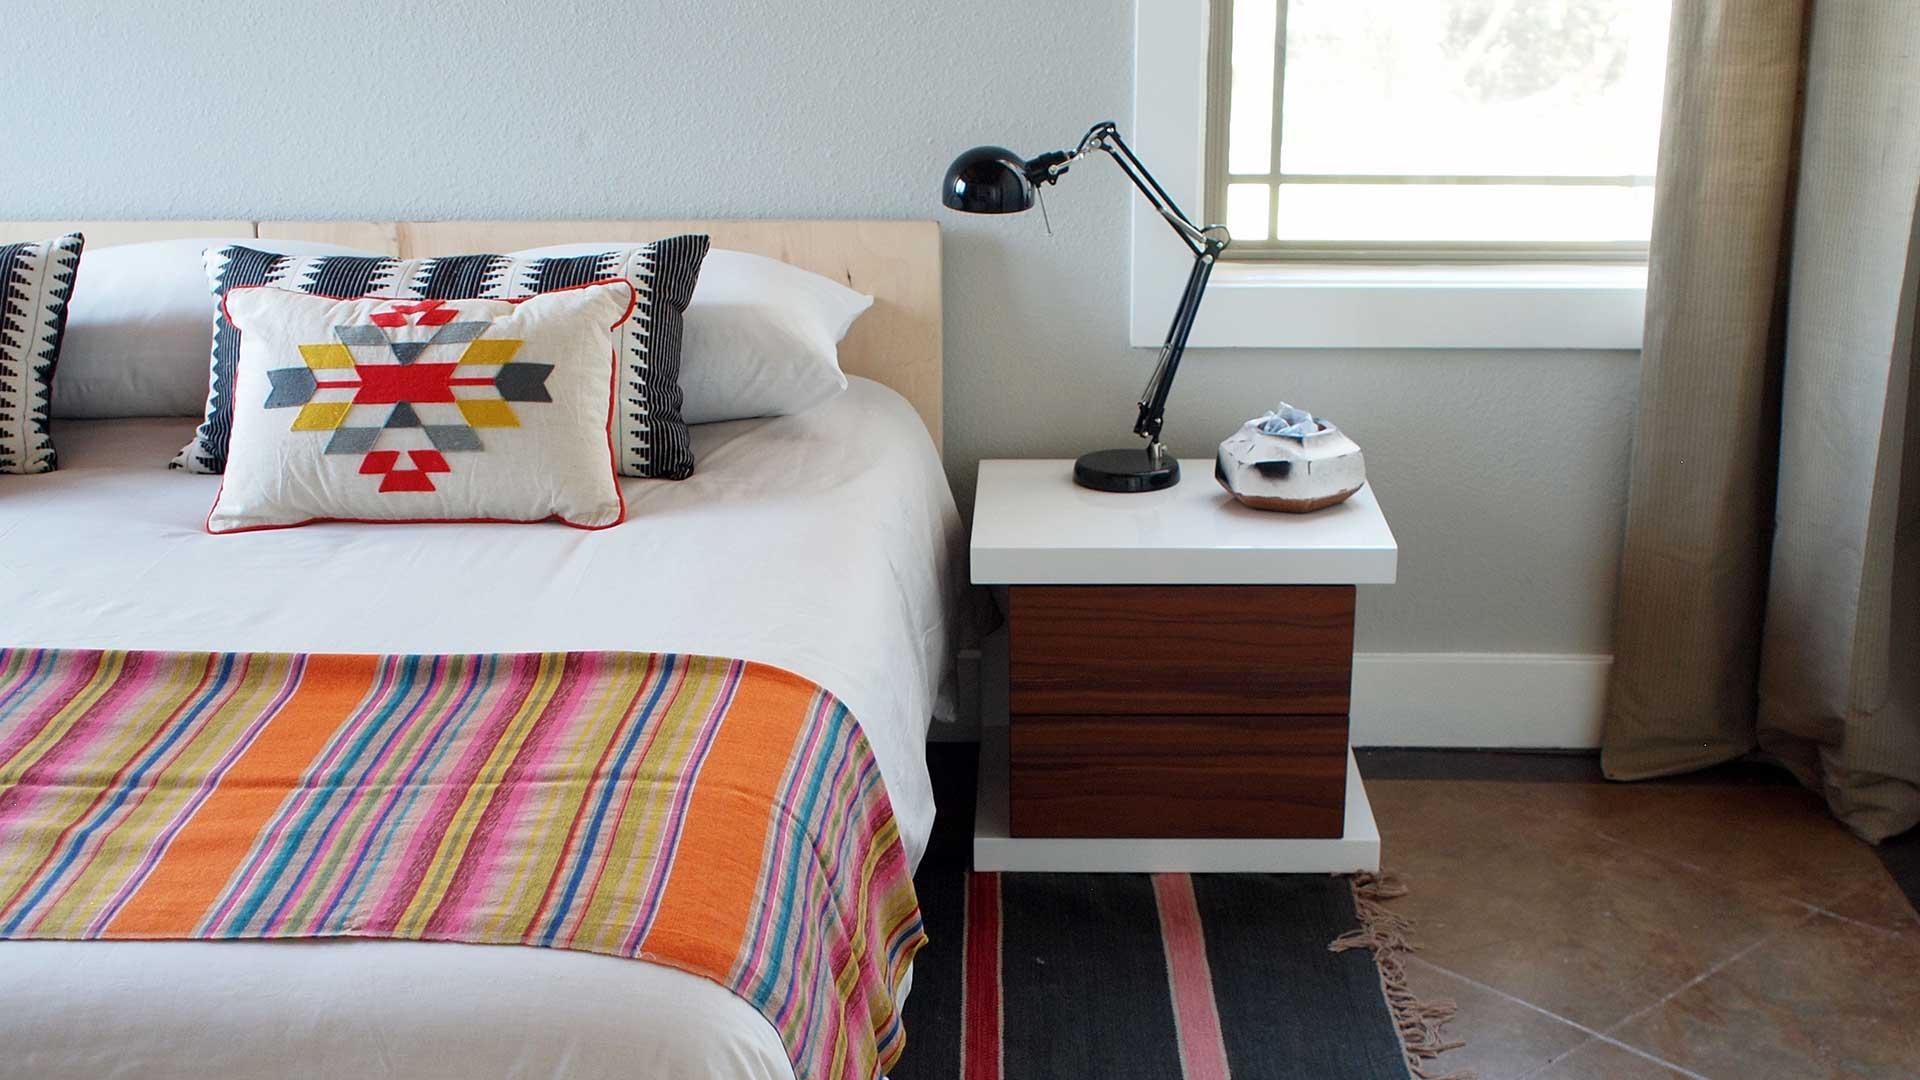 Bed1-1920x1080-wlr.jpg